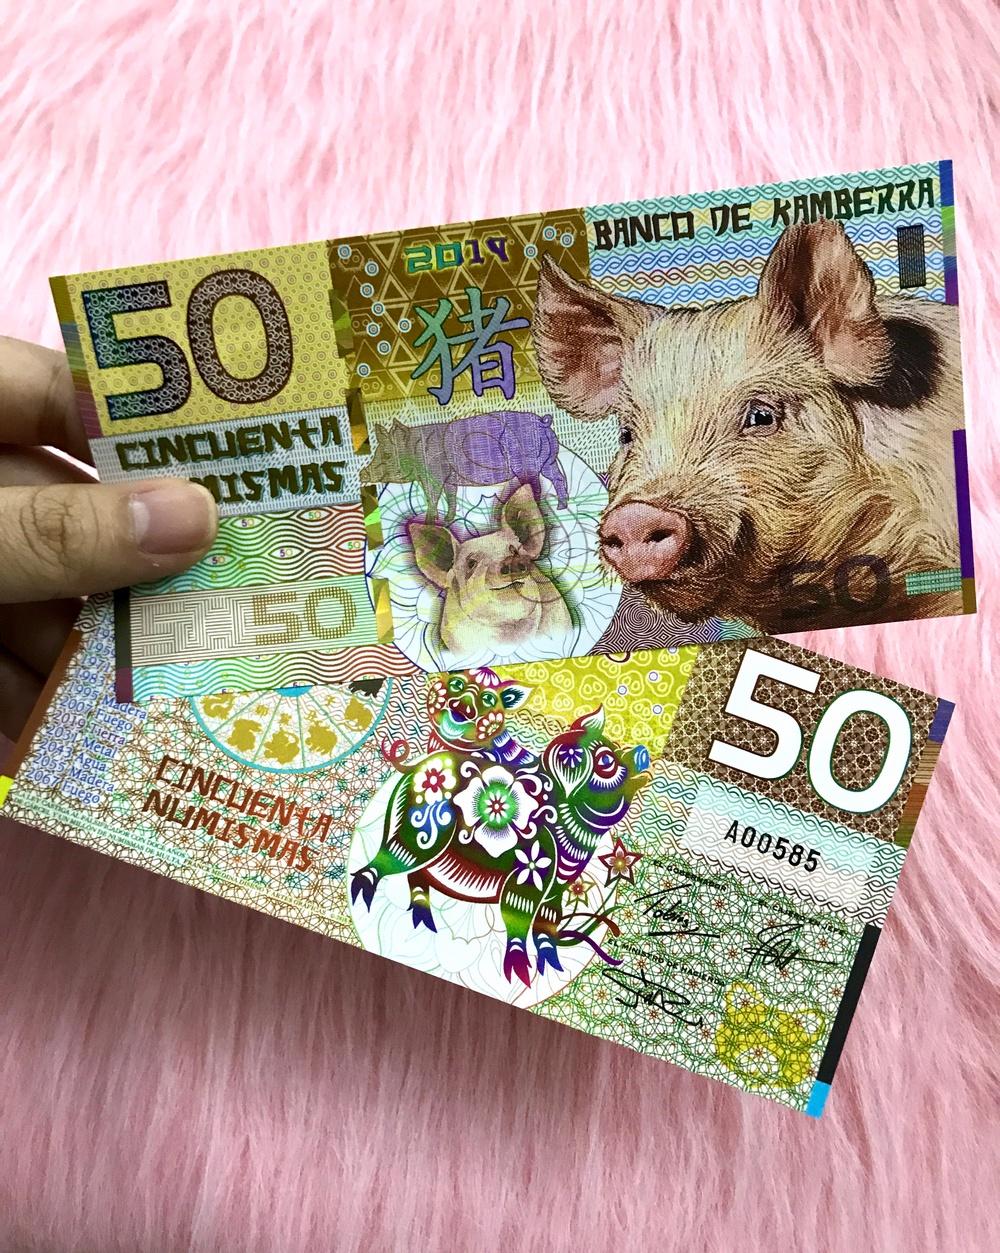 Tờ tiền lưu niệm hình con heo Kambera của Úc 50 Numismas, dùng để sưu tầm, quà tặng lì xì người tuổi Hợi - tặng kèm bao lì xì đỏ - The Merrick Mint